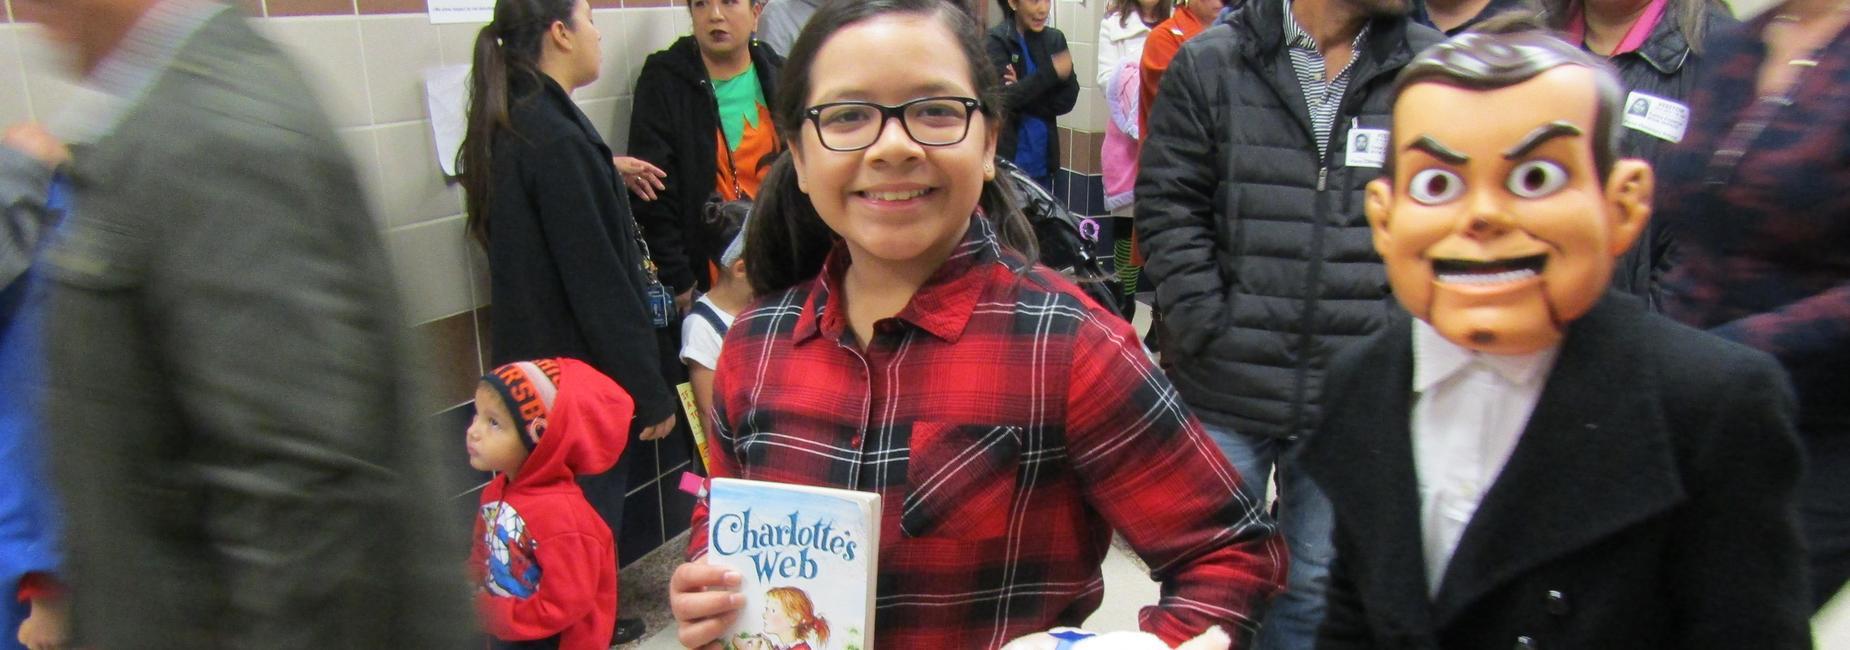 Book Character Parade